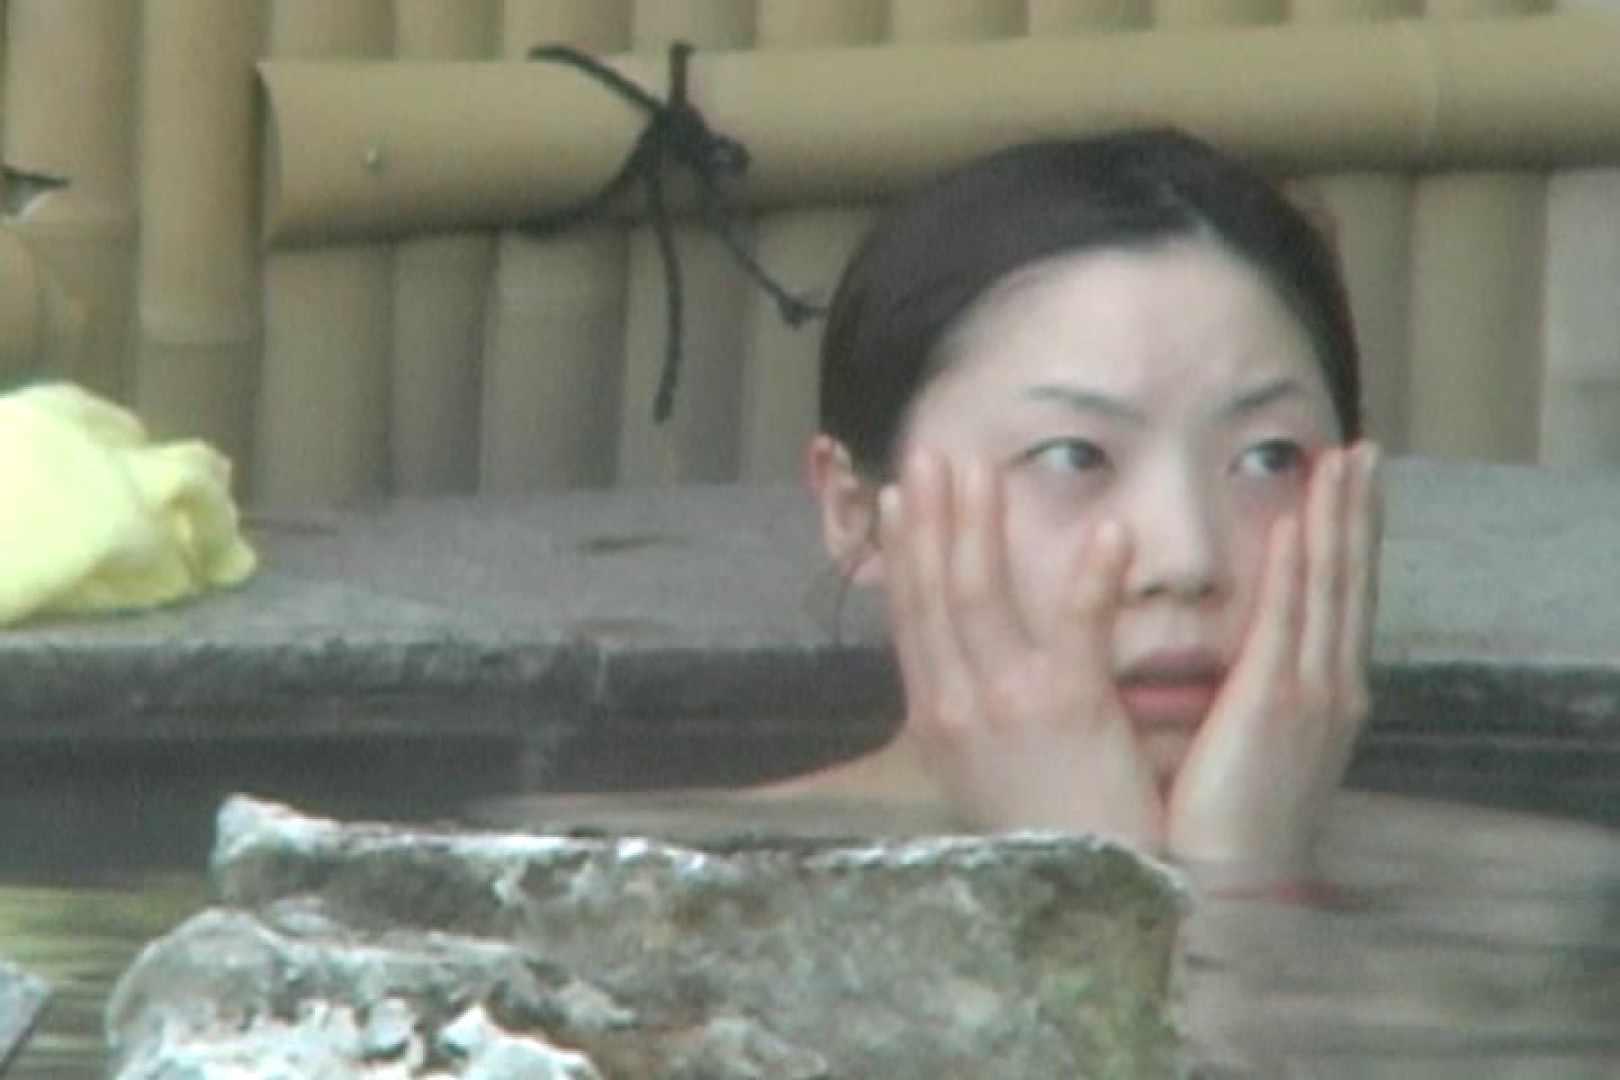 Aquaな露天風呂Vol.596 盗撮シリーズ  113PIX 16